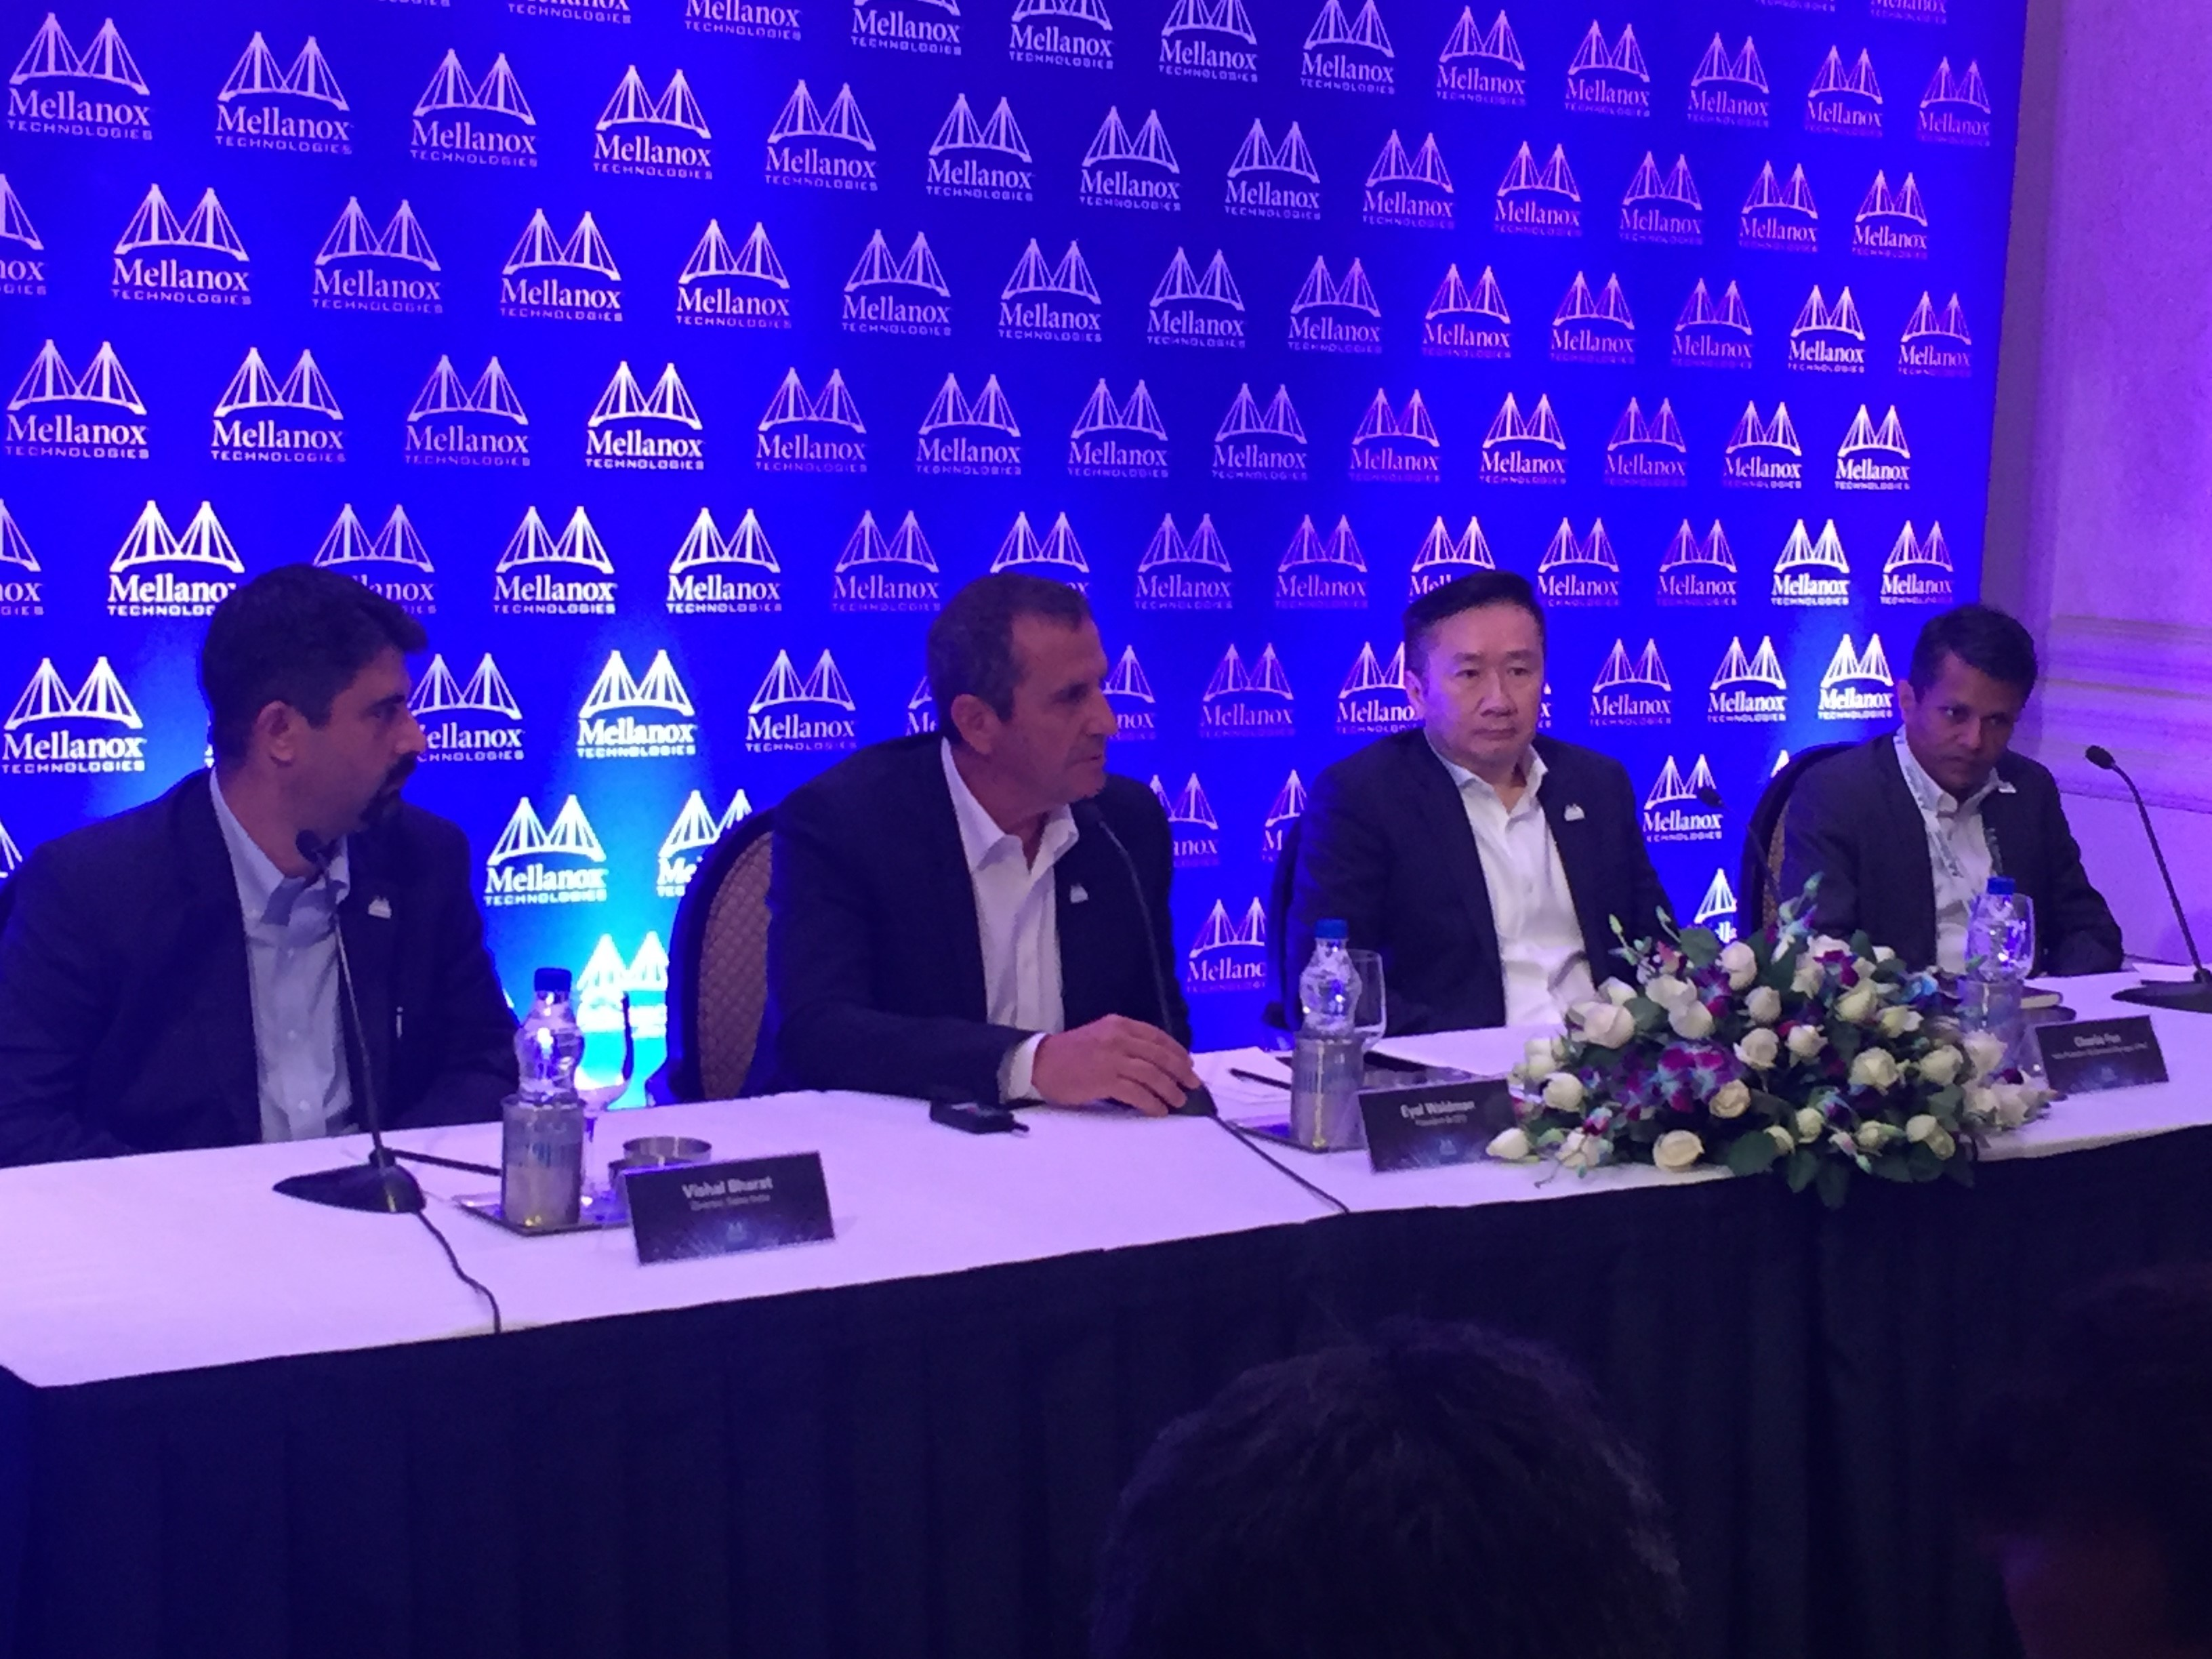 mellanox-press-conference-picture